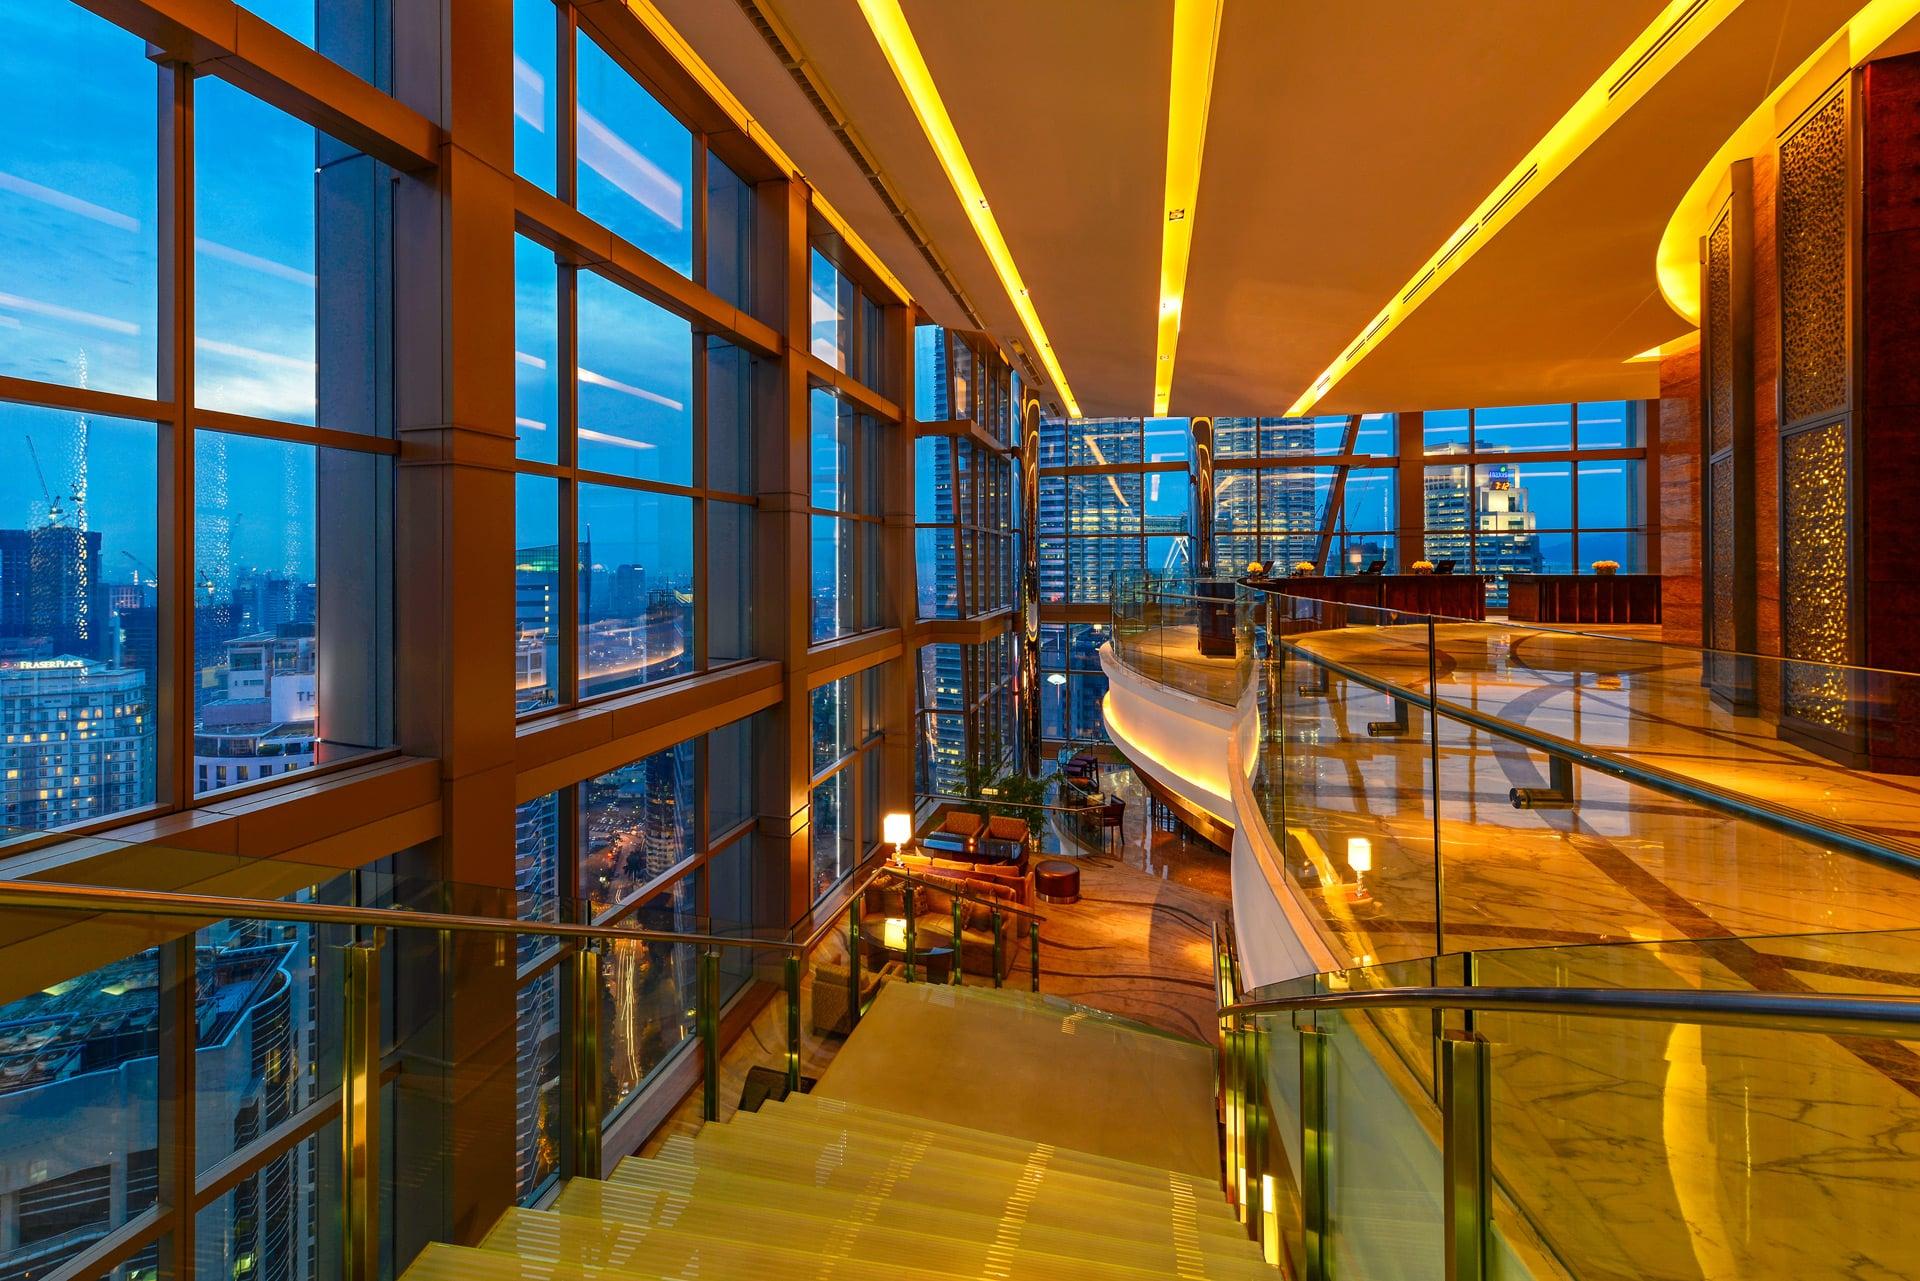 ScottAWoodward_LuxuryLifestyle(Hotels+Resorts)_002